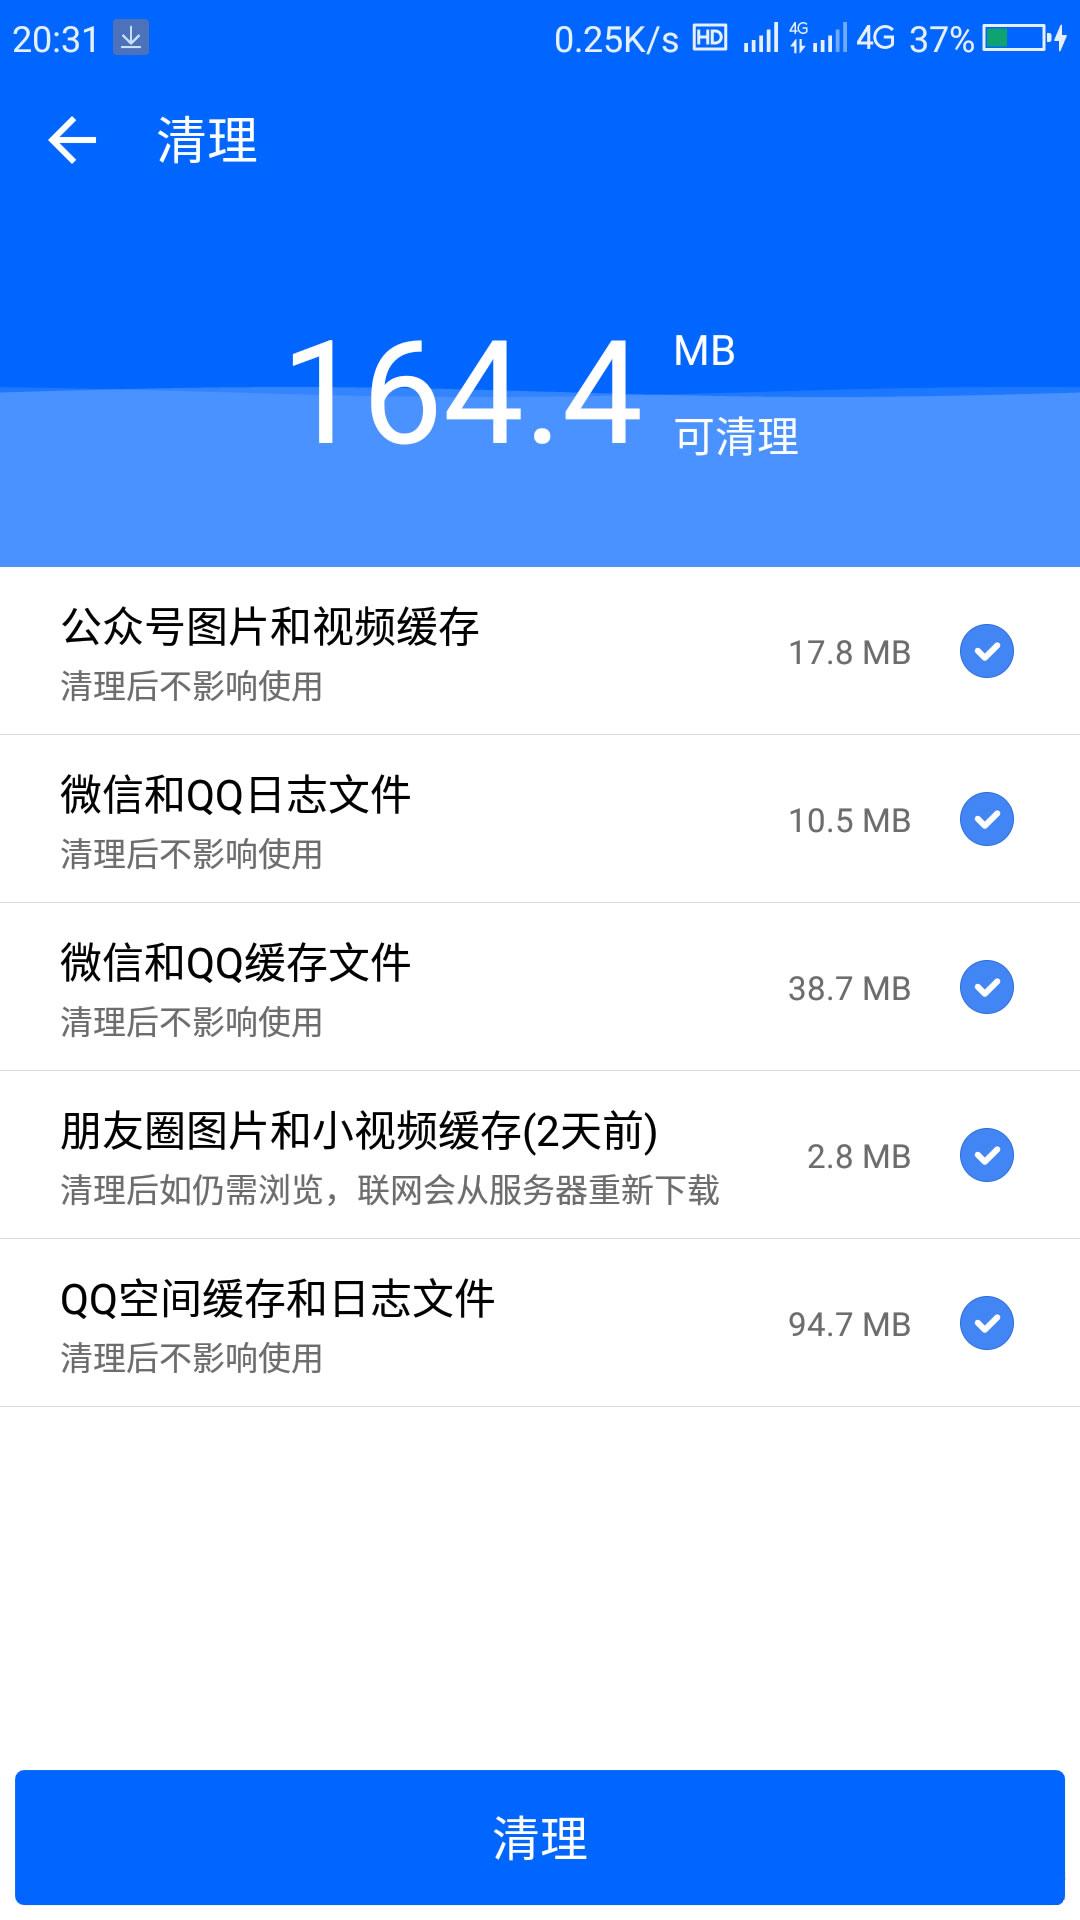 安卓手机QQ微信垃圾清理神器去除广告Pro高级破解版,视频、图片、语音、文件一键导出,微痕迹App破解版